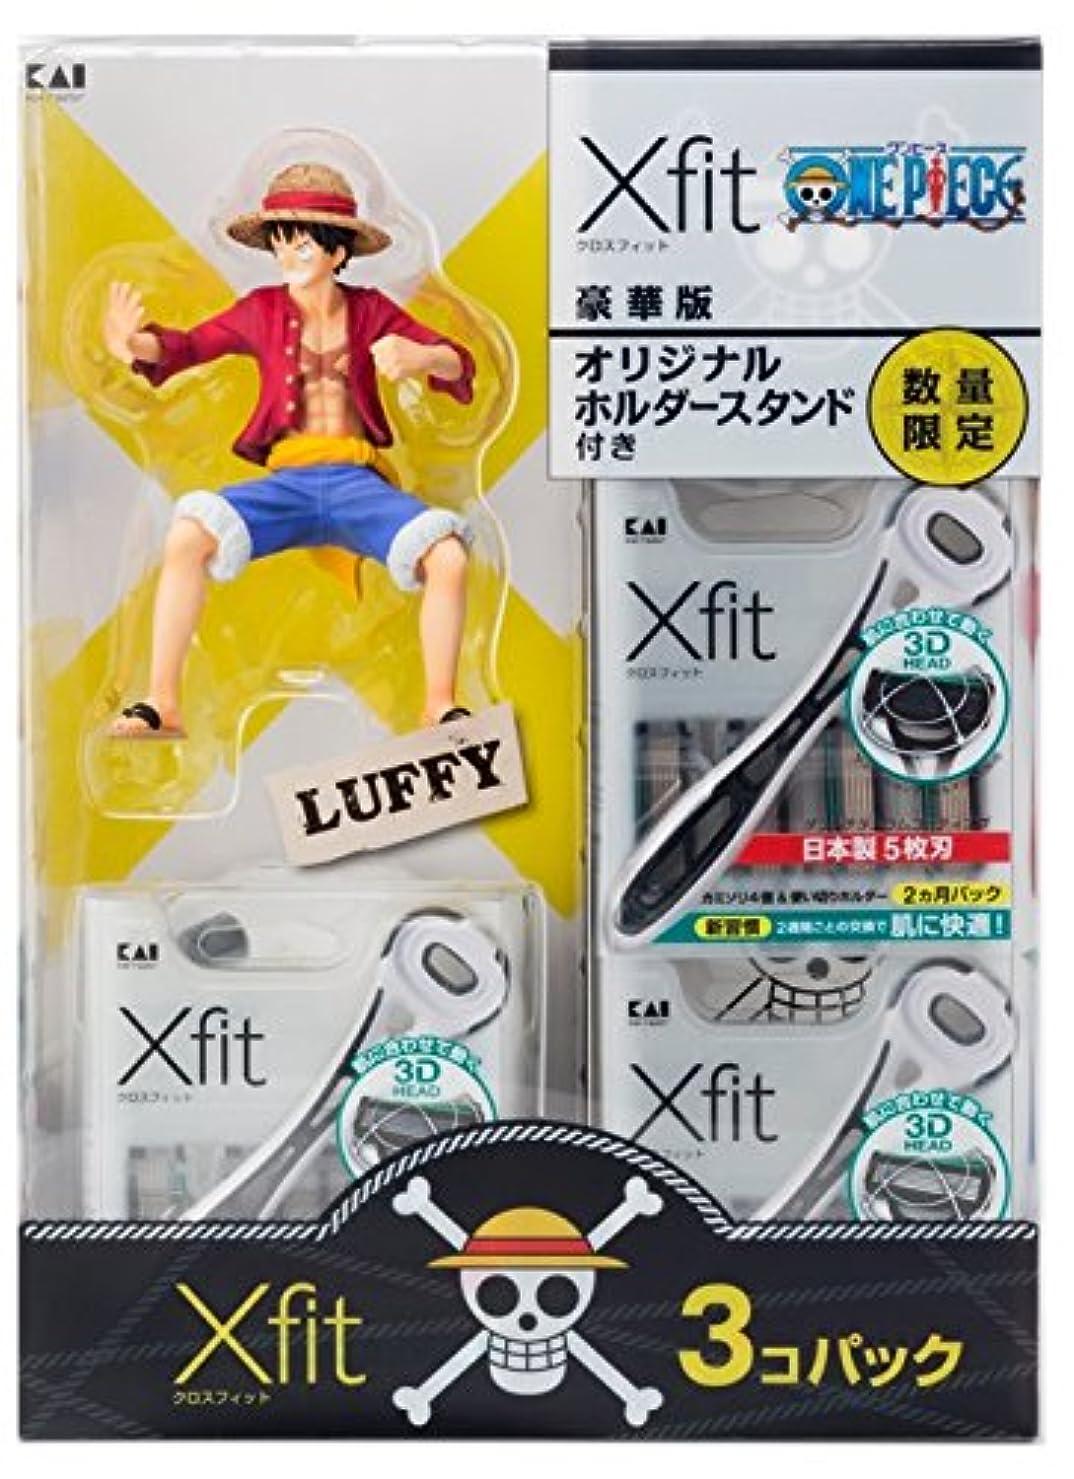 観光に行く法的自治的Xfit(クロスフィット)5枚刃カミソリ ワンピース企画第1弾3コパック+オリジナルホルダースタンド(ルフィ)